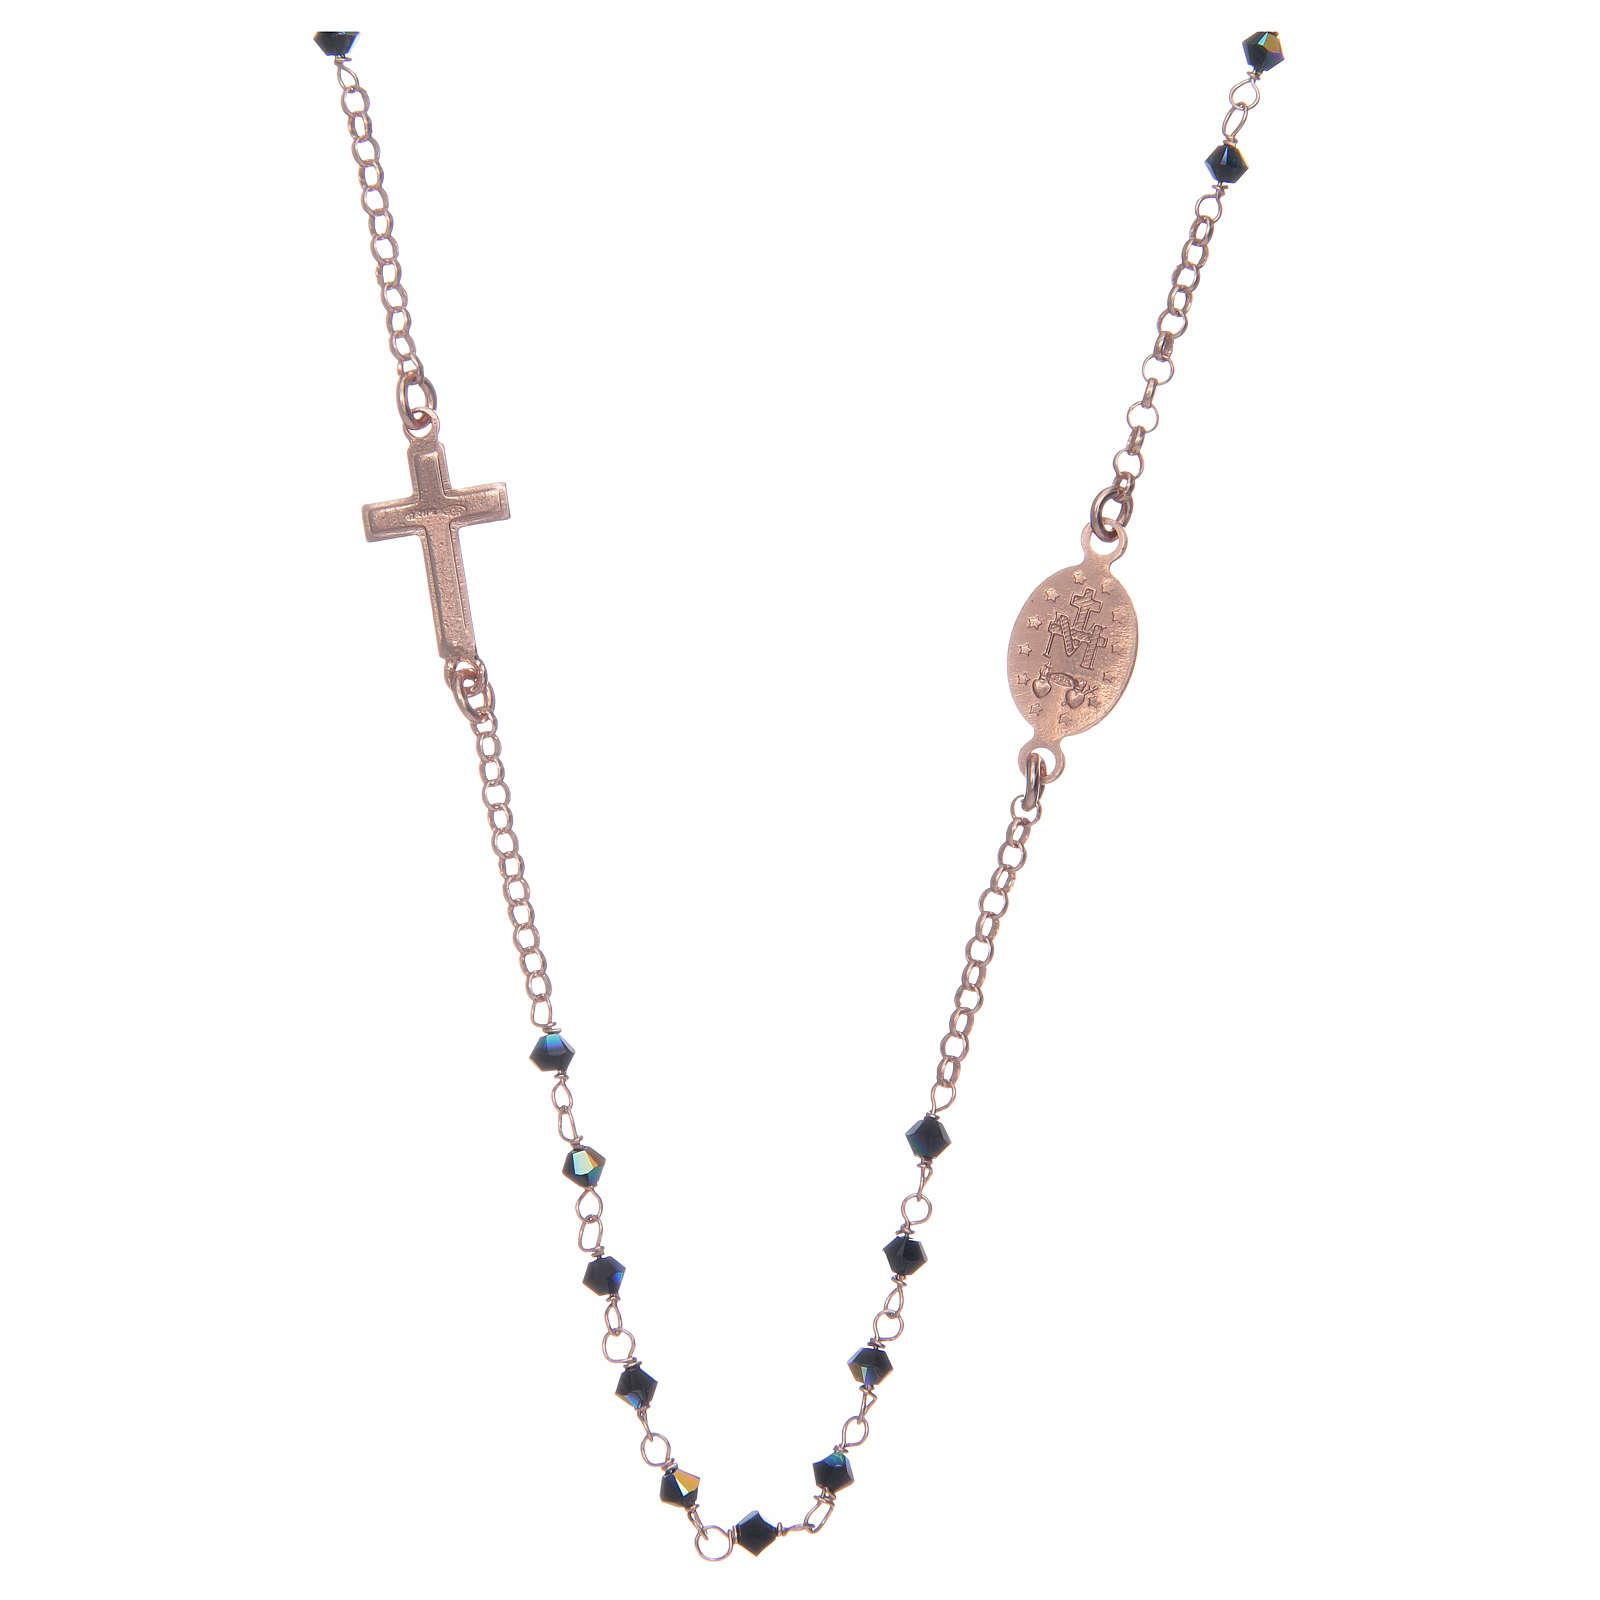 Rosario collana argento 925 rosato e Swarovski neri 4